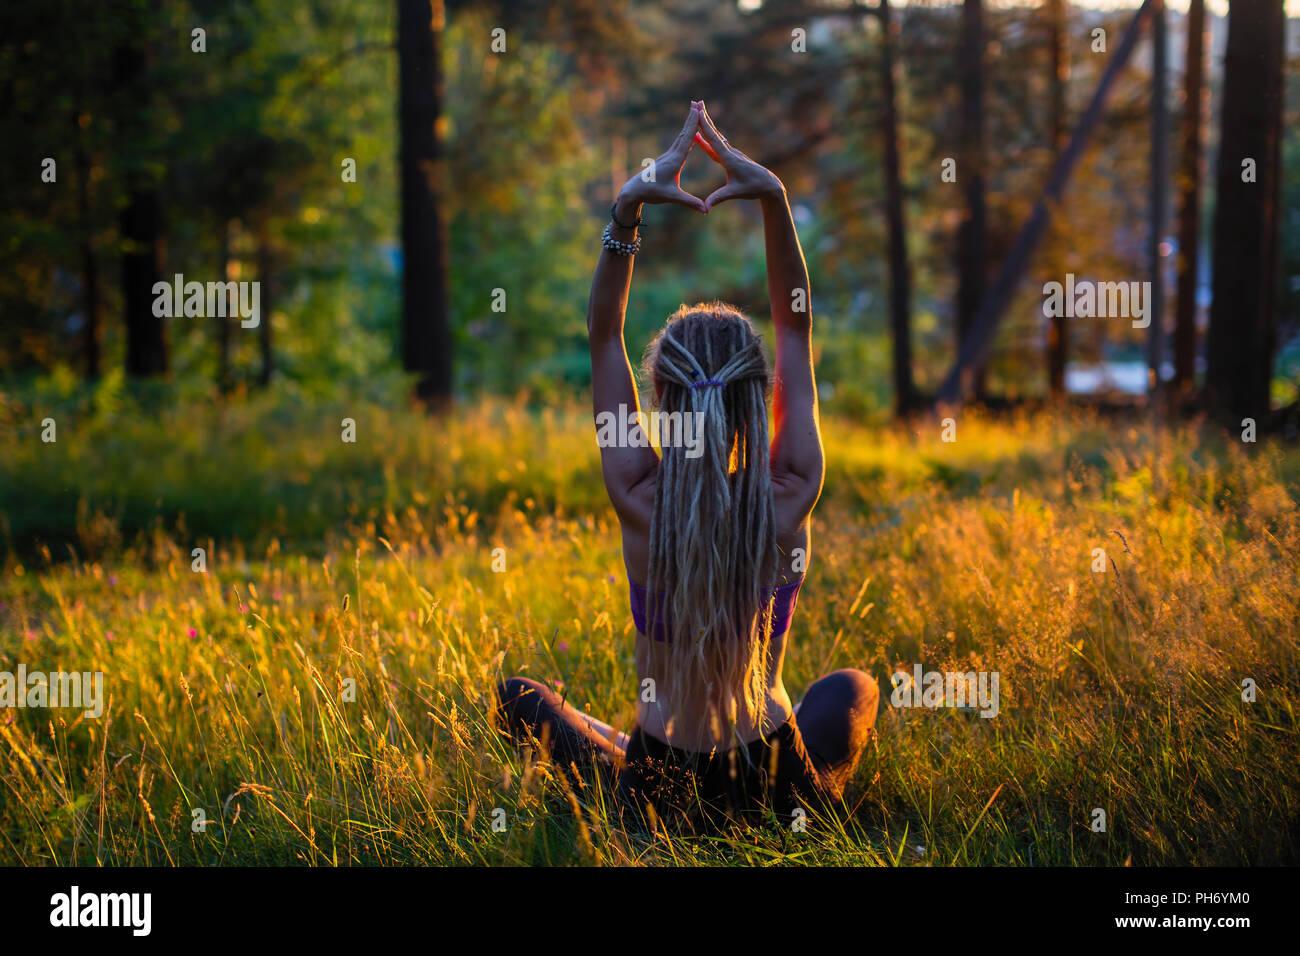 Yoga Frau auf einem malerischen Waldwiese in einem grünen Wald. Stockbild